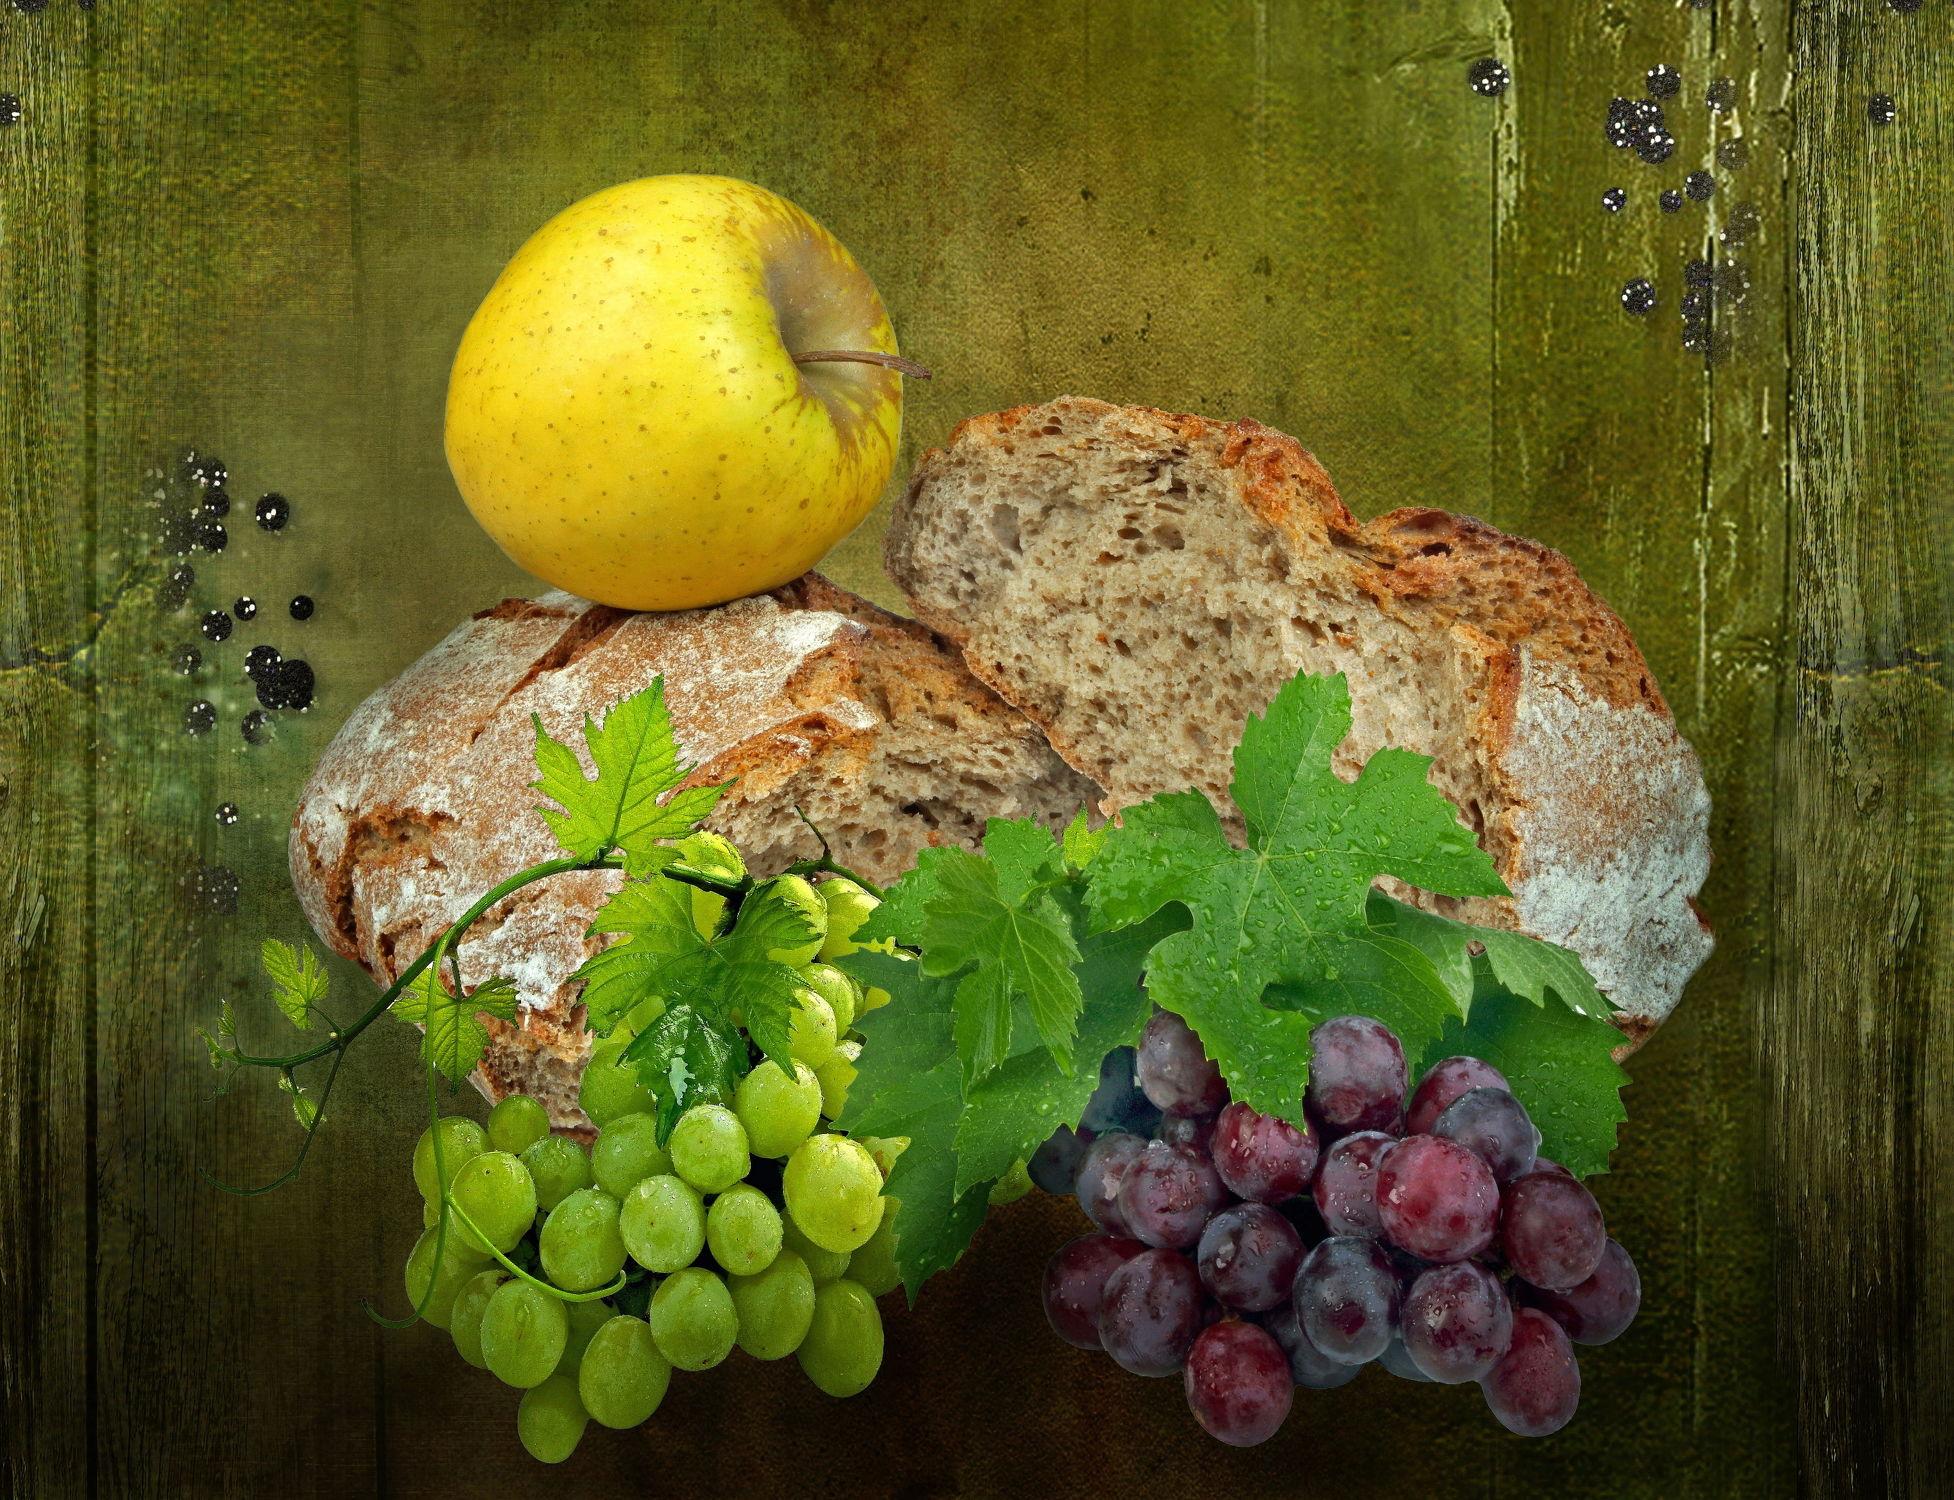 Bild mit Früchte, Essen, Frucht, Obst, Nahrung, Weintrauben, Apfel, Apfel, Textur, Ernährung, brot